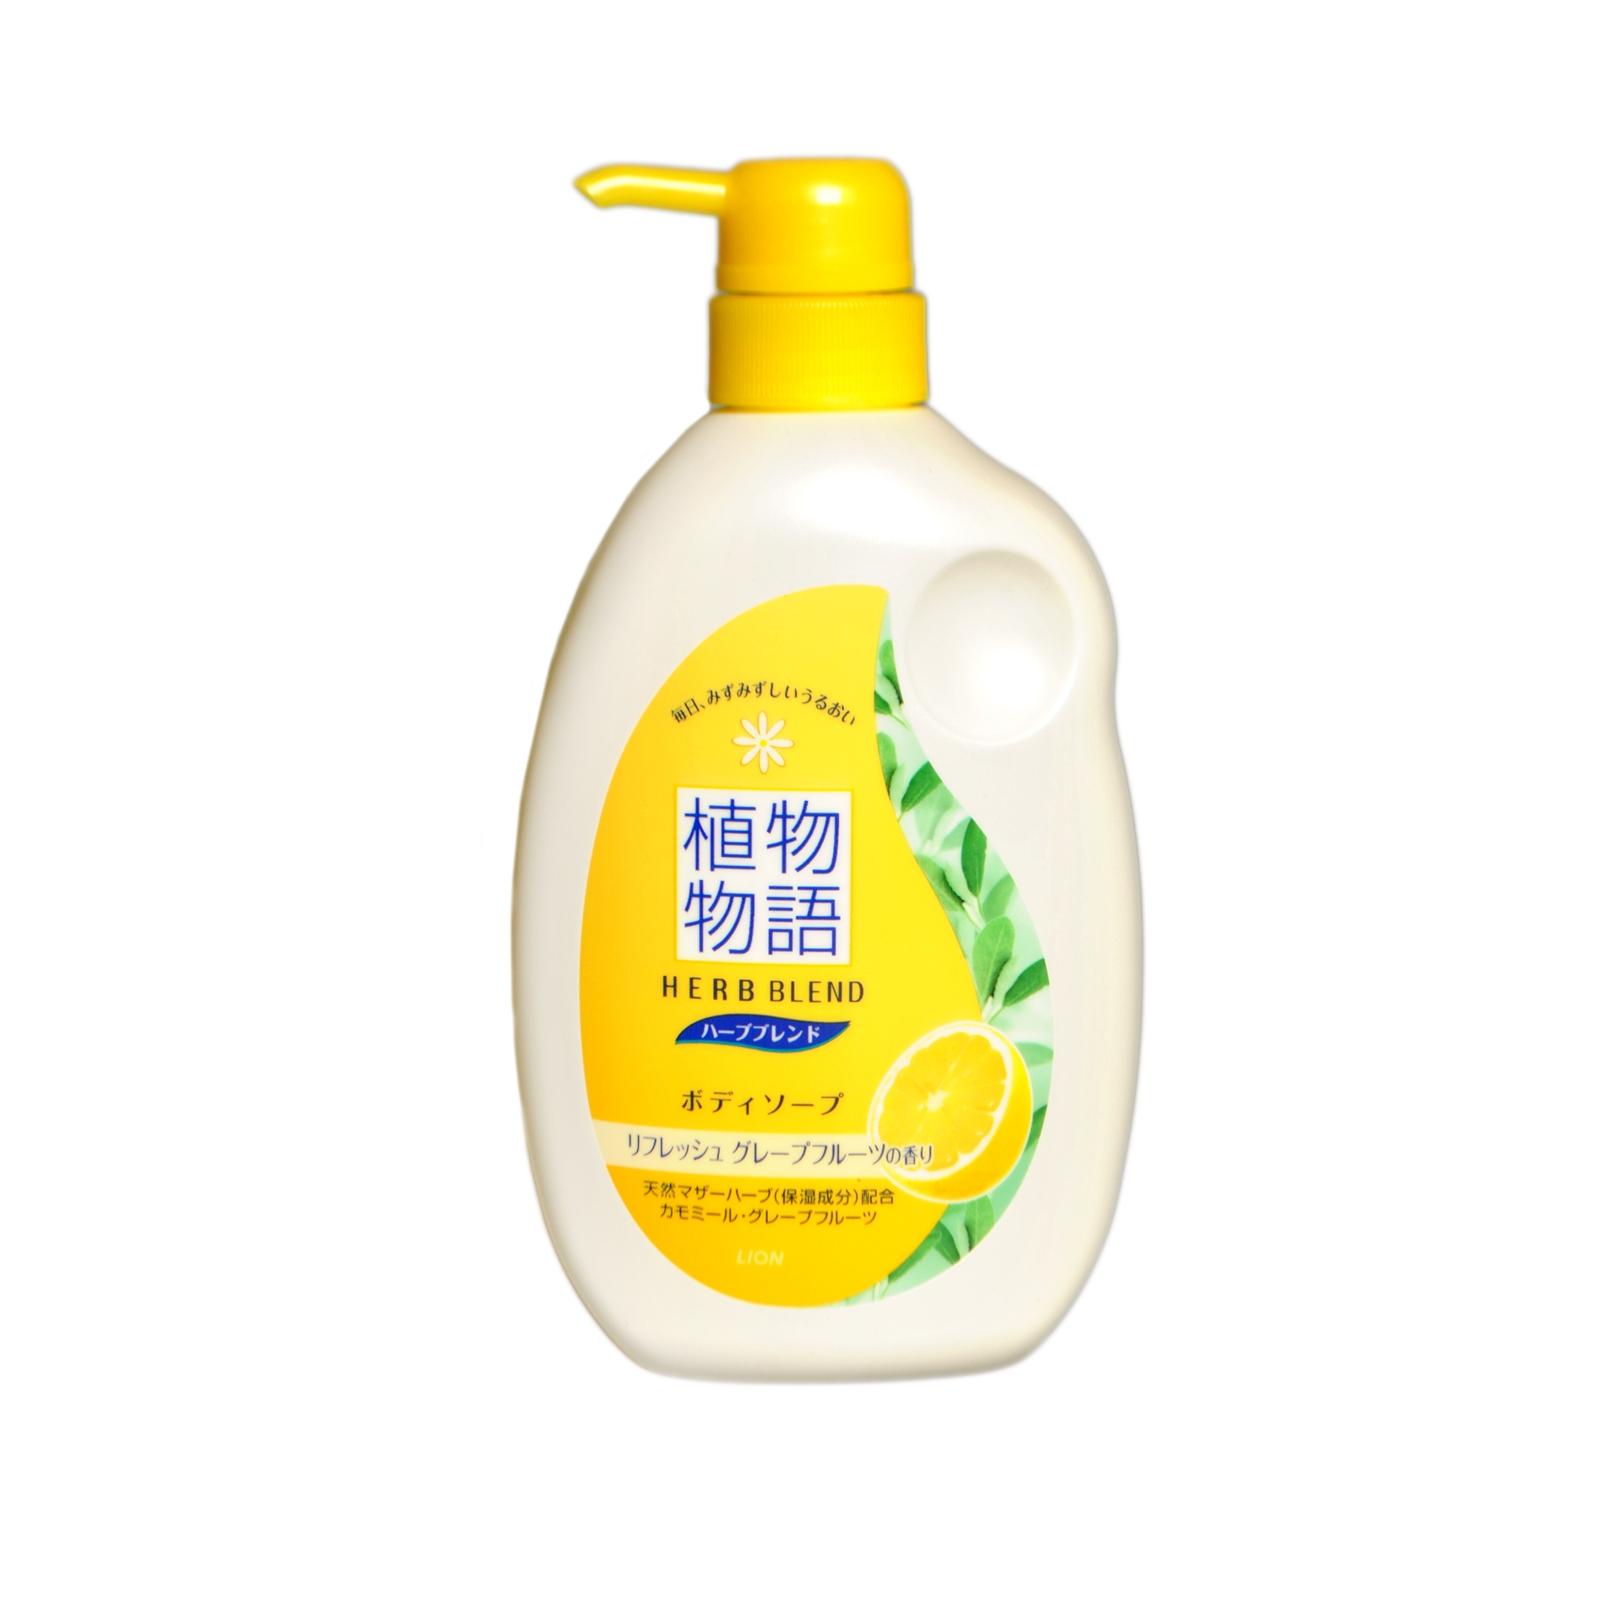 Жидкое мыло для тела Lion HERB BLEND увлажняющее С экстрактами ромашки и грейпфрута 580 мл<br>